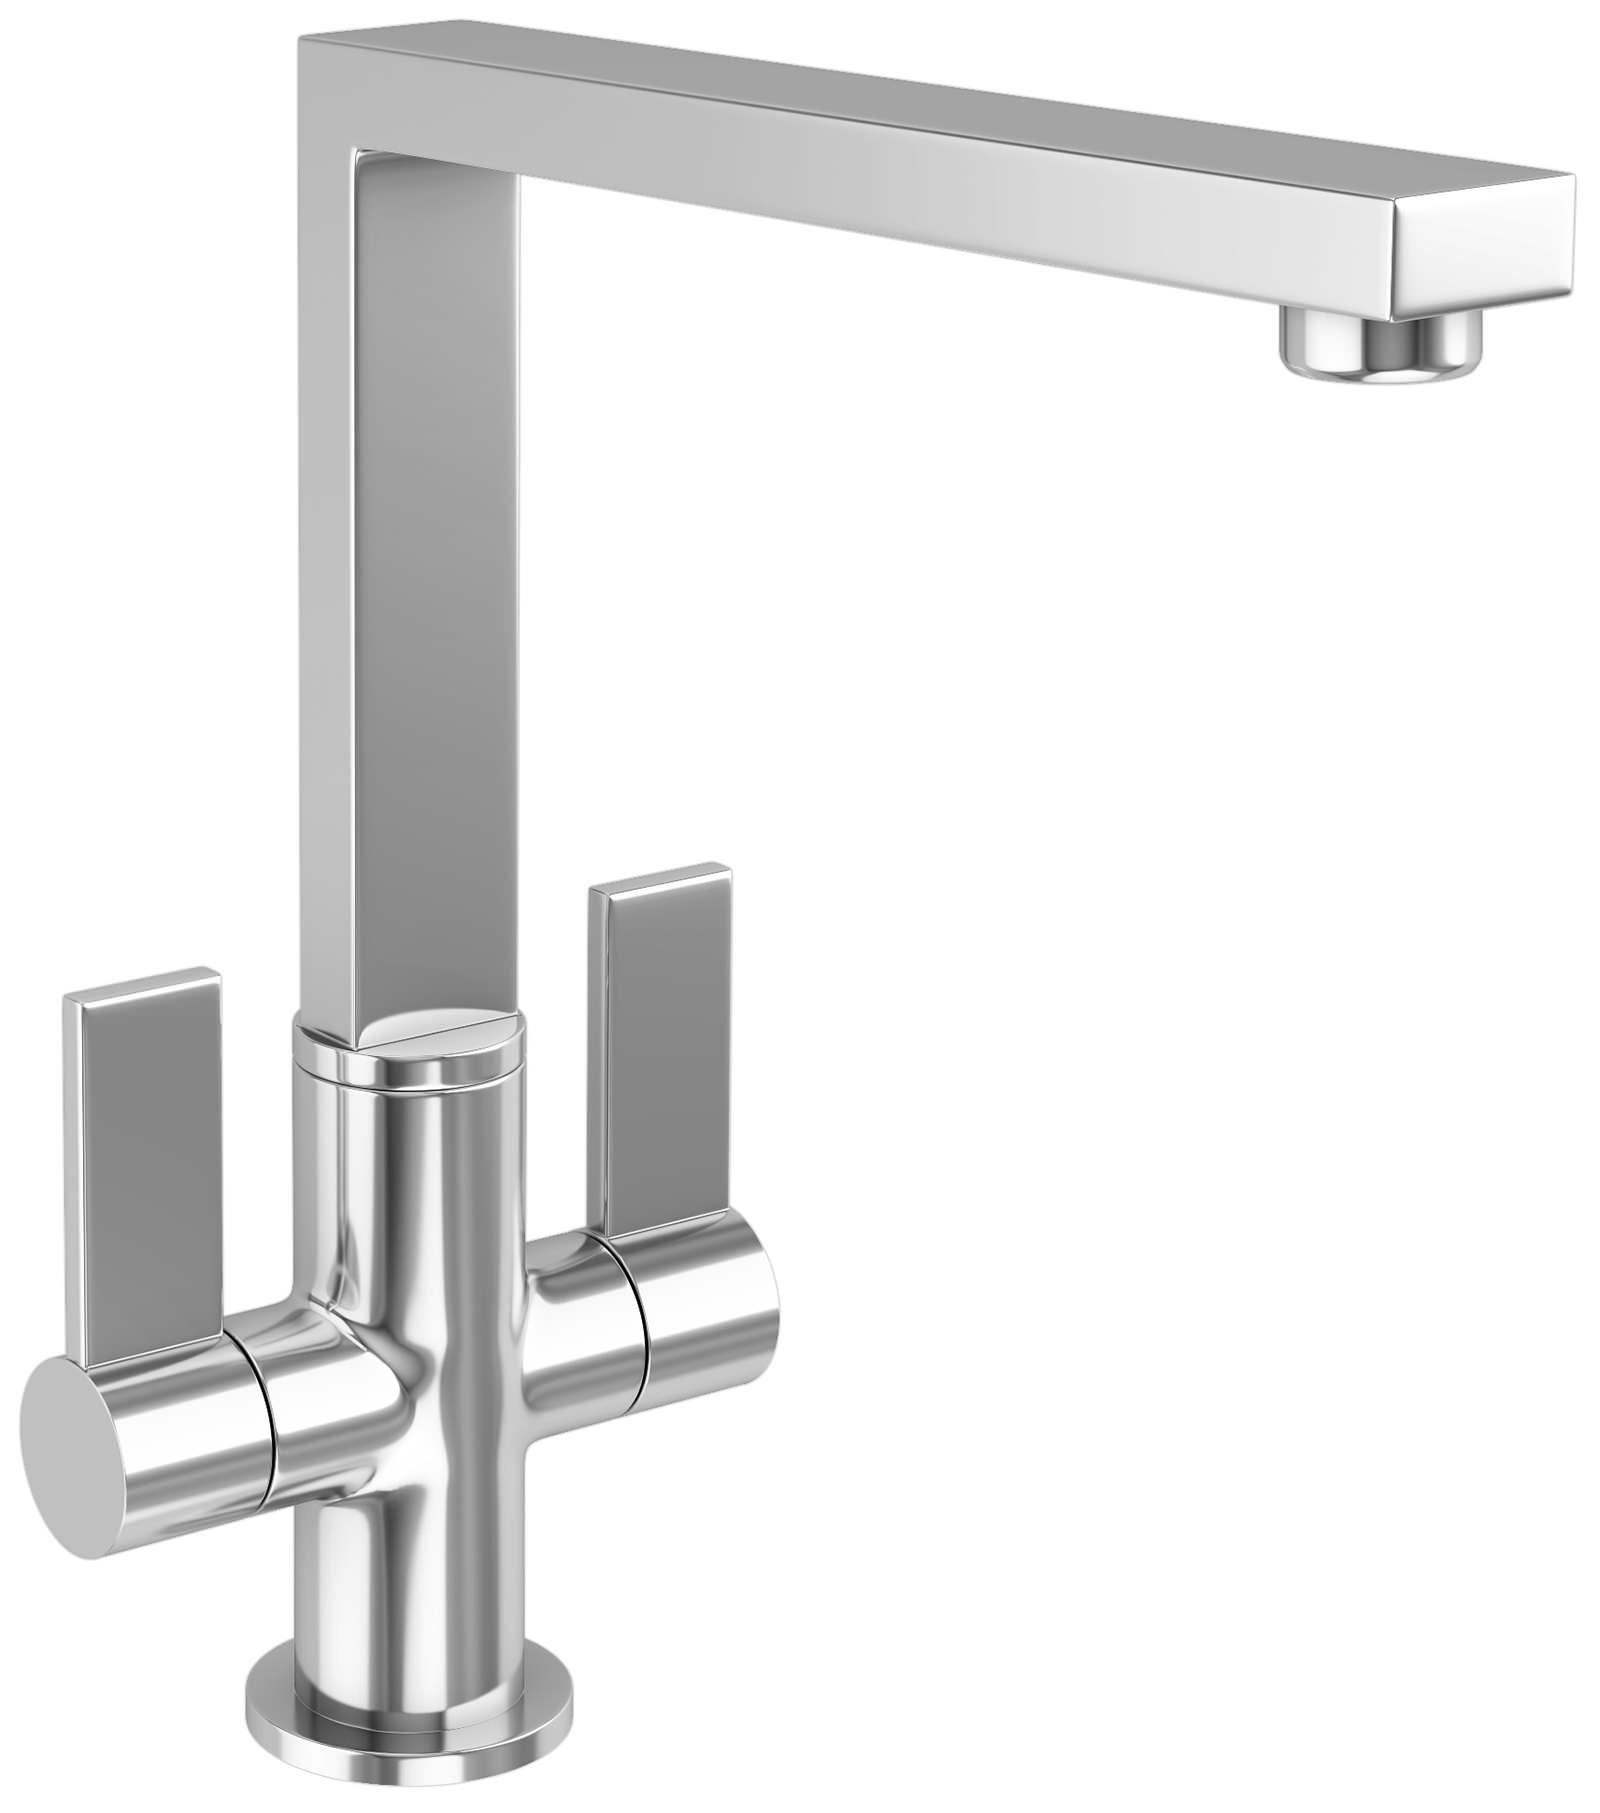 franke bern kitchen sink mixer tap chrome 1150153231. Black Bedroom Furniture Sets. Home Design Ideas